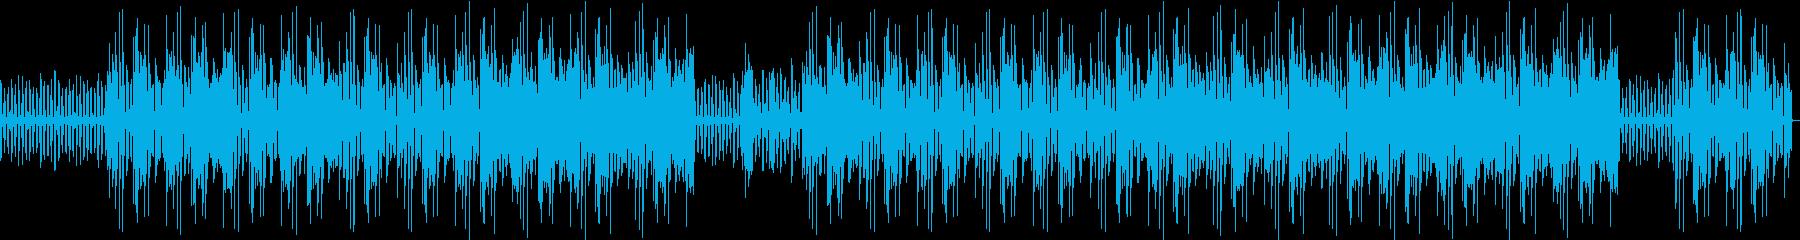 軽やかなヒップホップの再生済みの波形